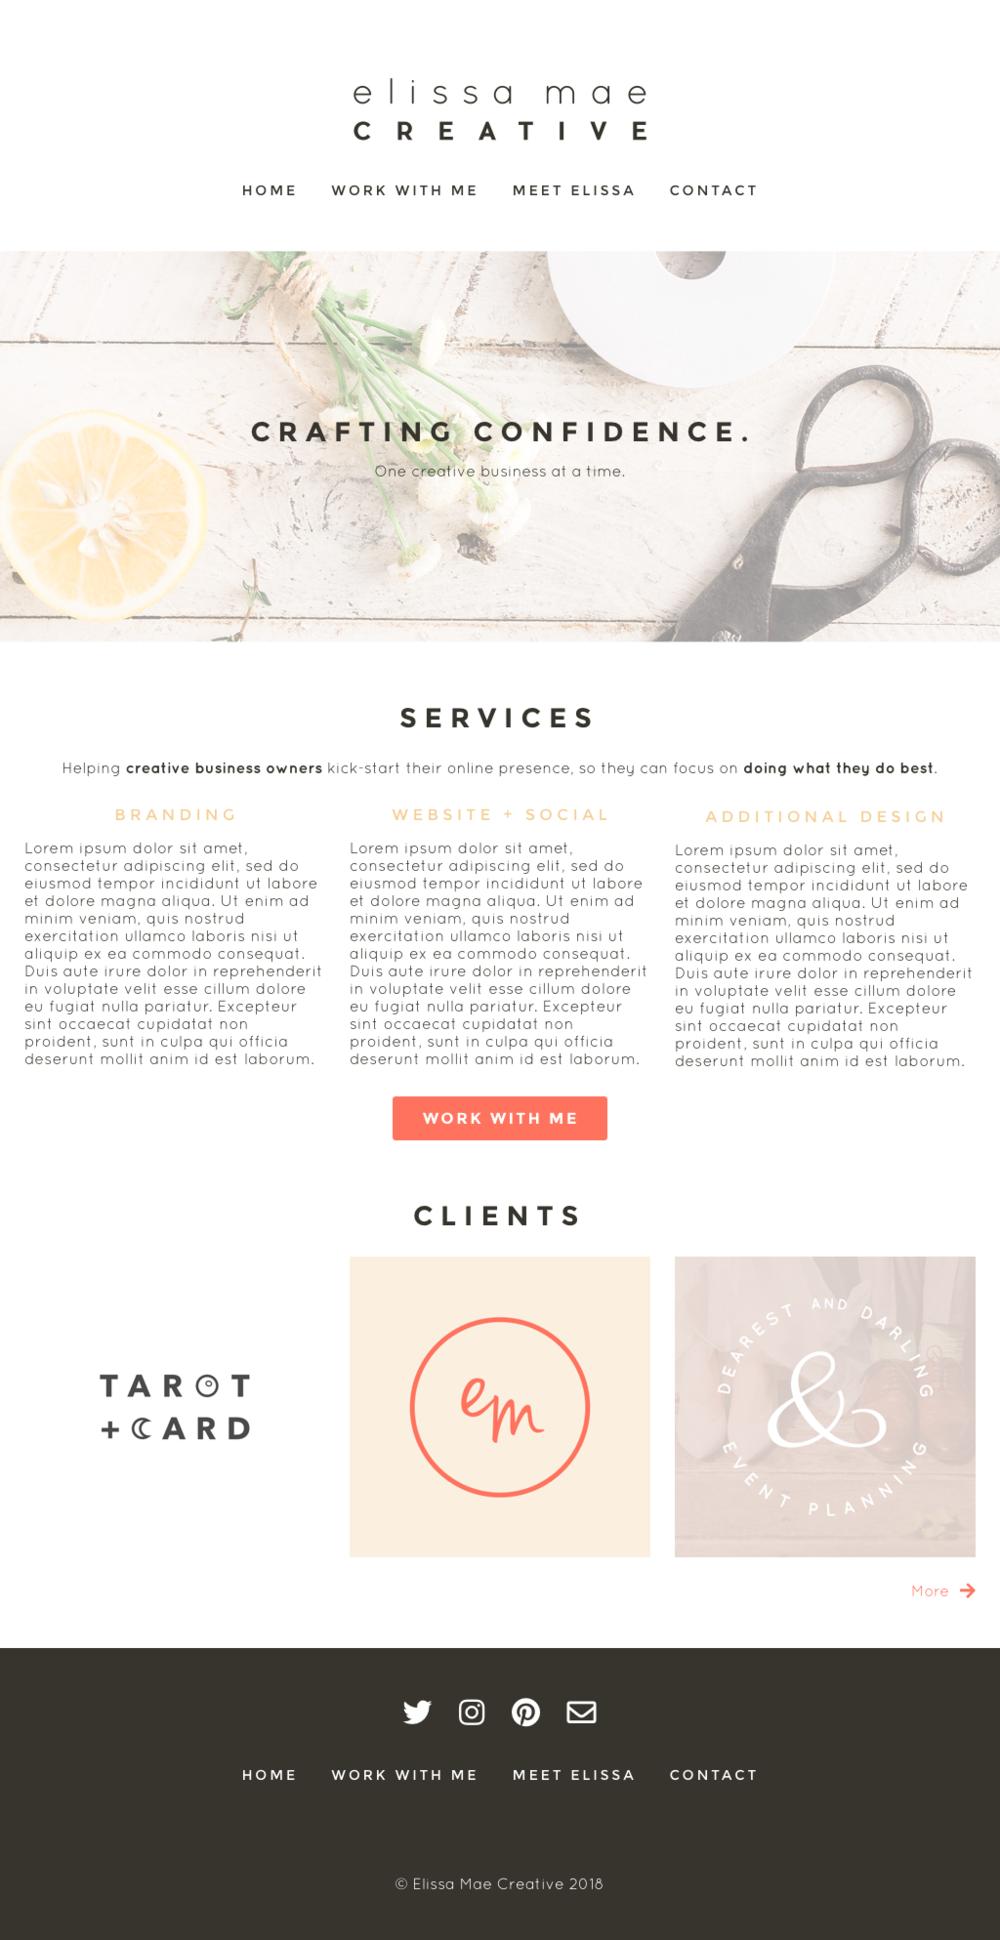 Elissa Mae Creative Website Mockup